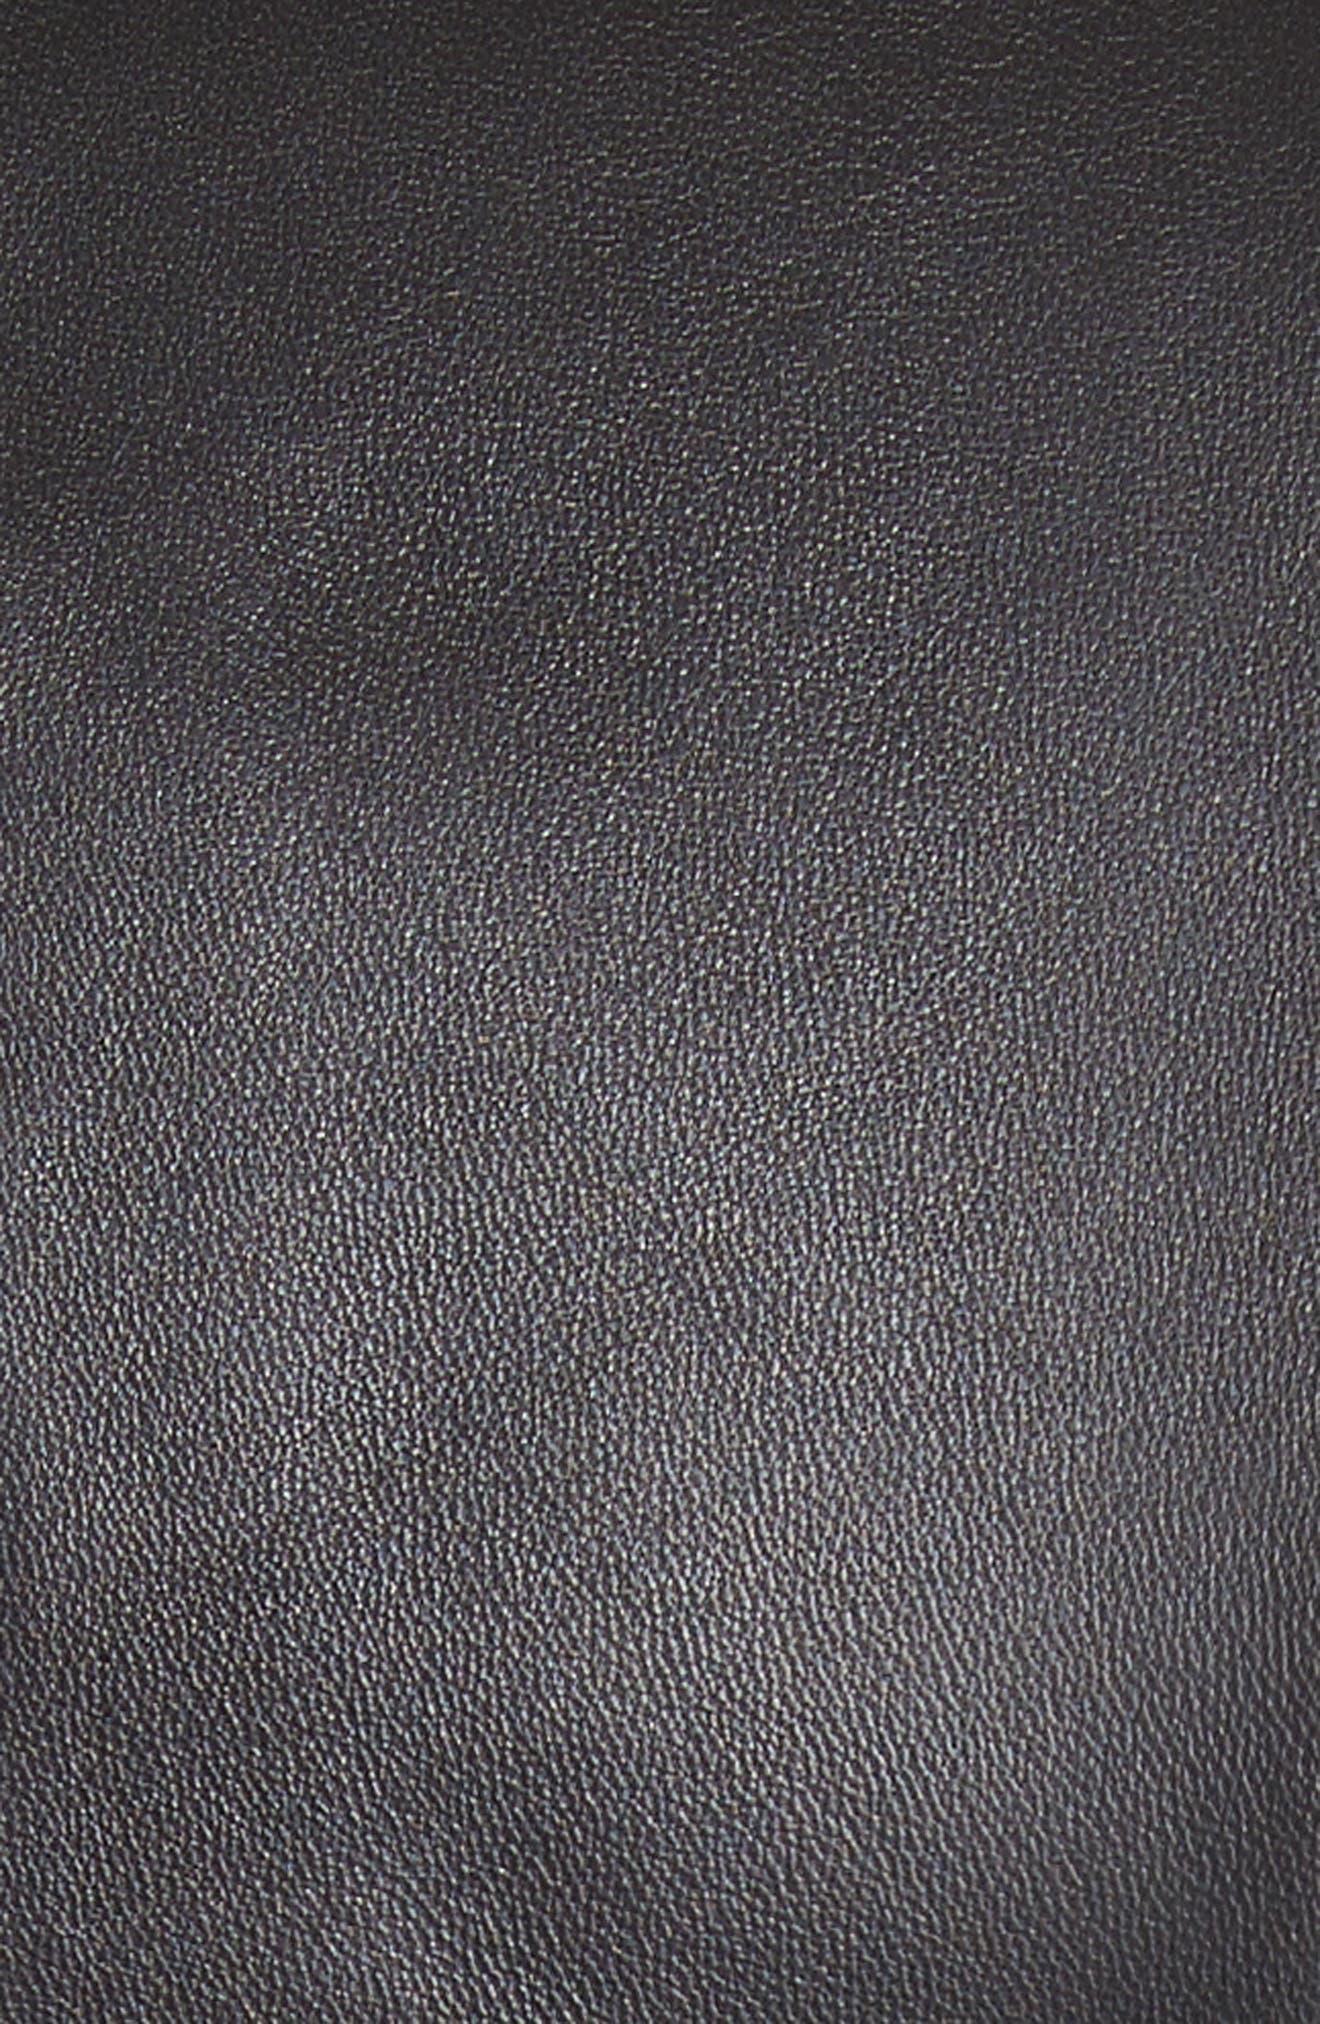 Plongé Leather Jacket,                             Alternate thumbnail 6, color,                             001